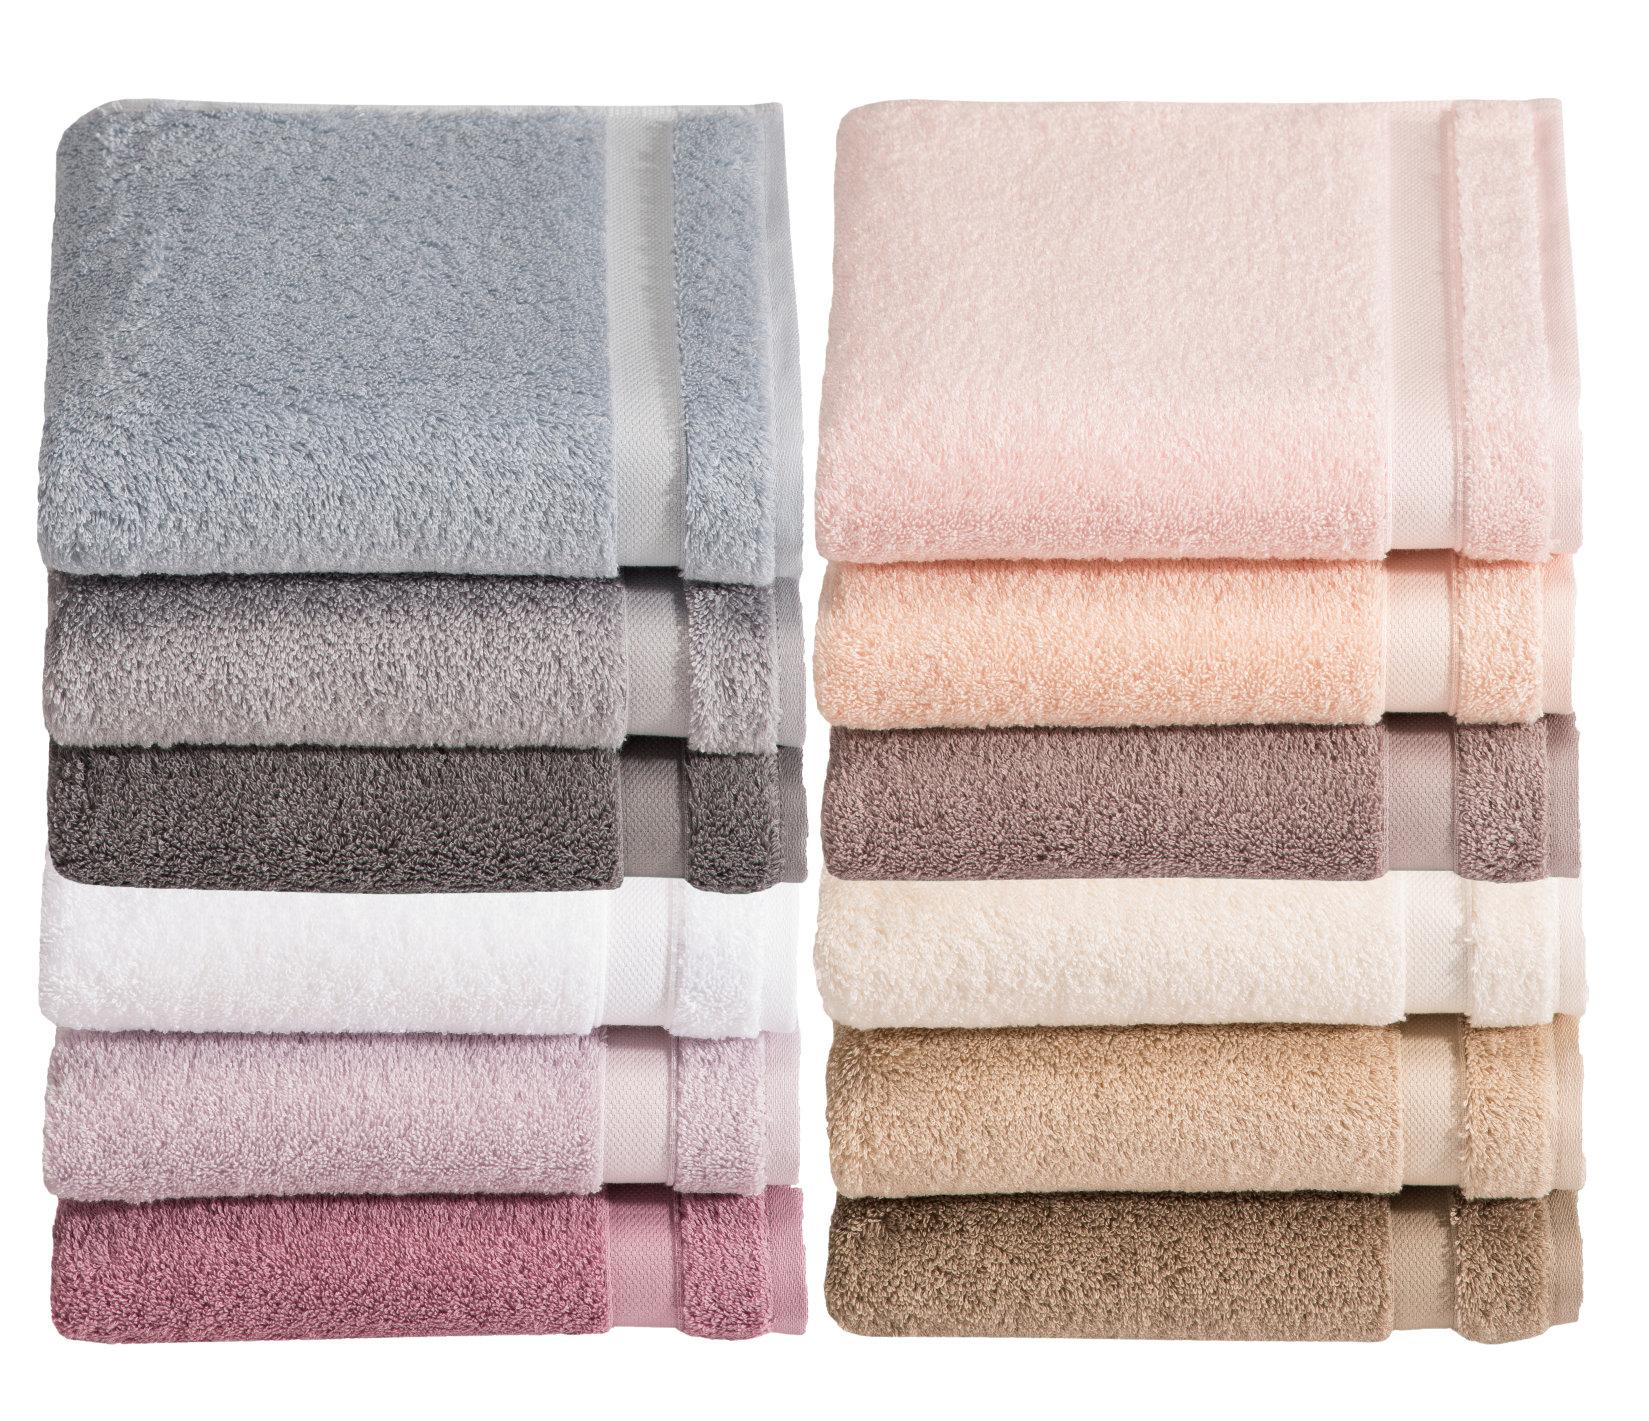 Guest Towels Ebay: Vossen Towel Bath Towel Hand Towel Towels Guests Towel